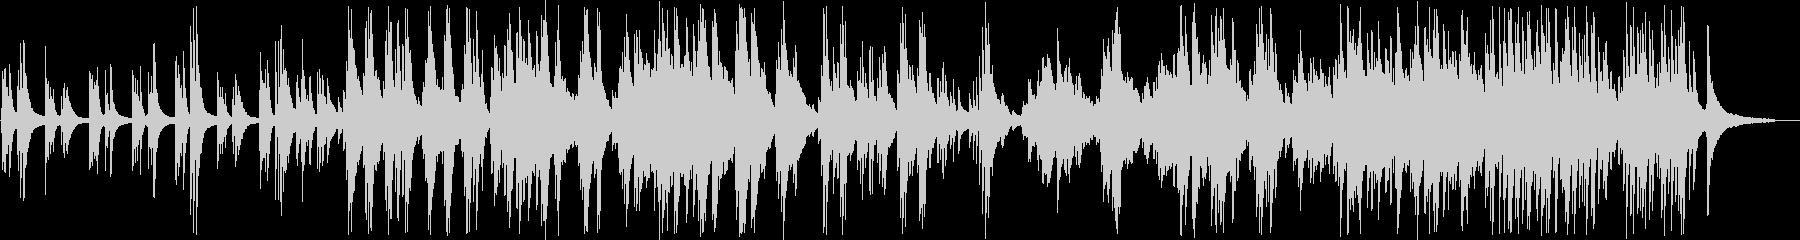 感動的なバラードのピアノソロの未再生の波形